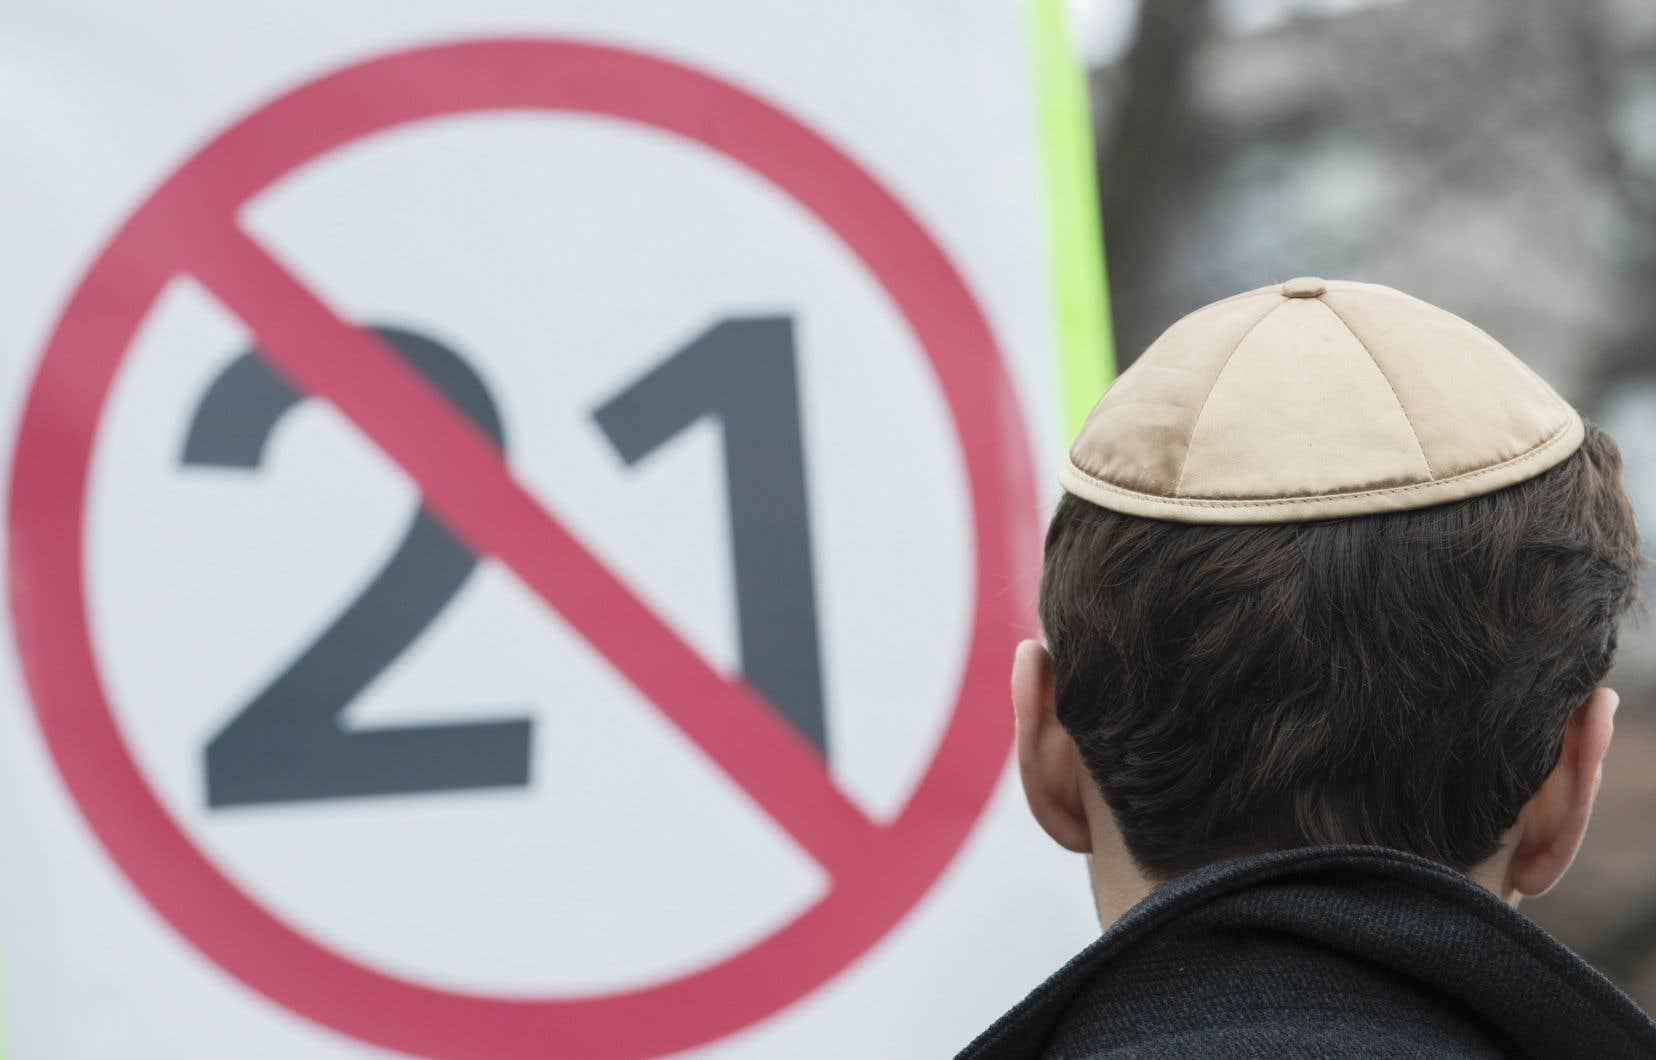 Depuis plusieurs semaines, le projet de loi sur la laïcité de l'État polarise la population québécoise.